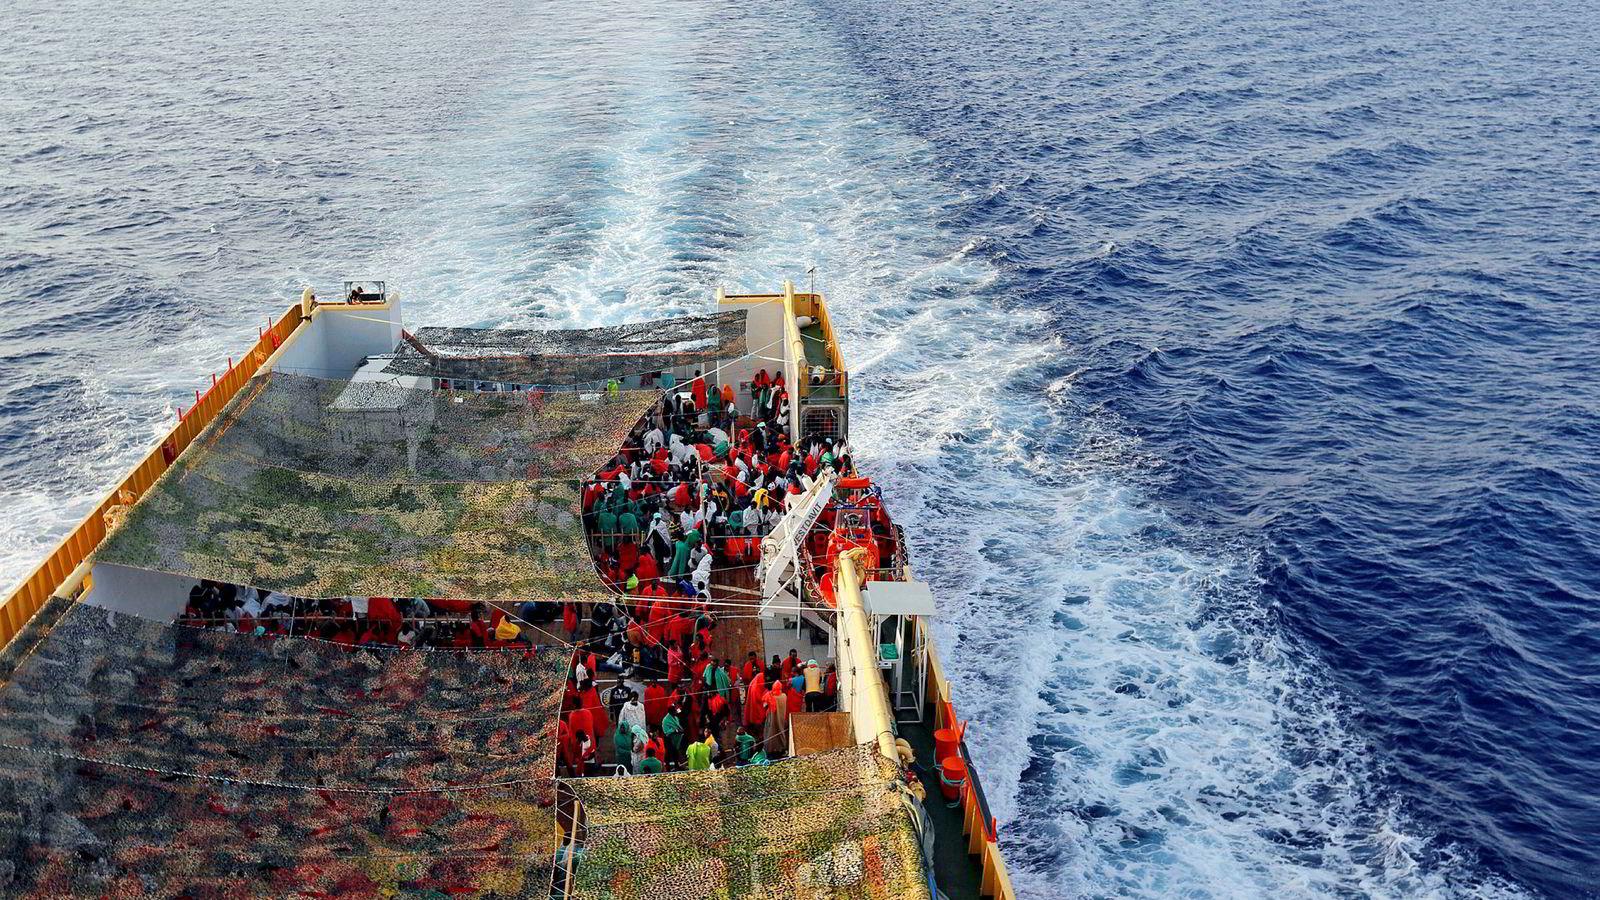 Organisasjonen Leger uten grenser planlegger å sende et skip under norsk flagg til Middelhavet for å redde migranter. Justisminister Jøran Kallmyr frykter konsekvensene. Dette bildet fra 2015 viser det norske skipet «Siem Pilot» med migranter om bord.